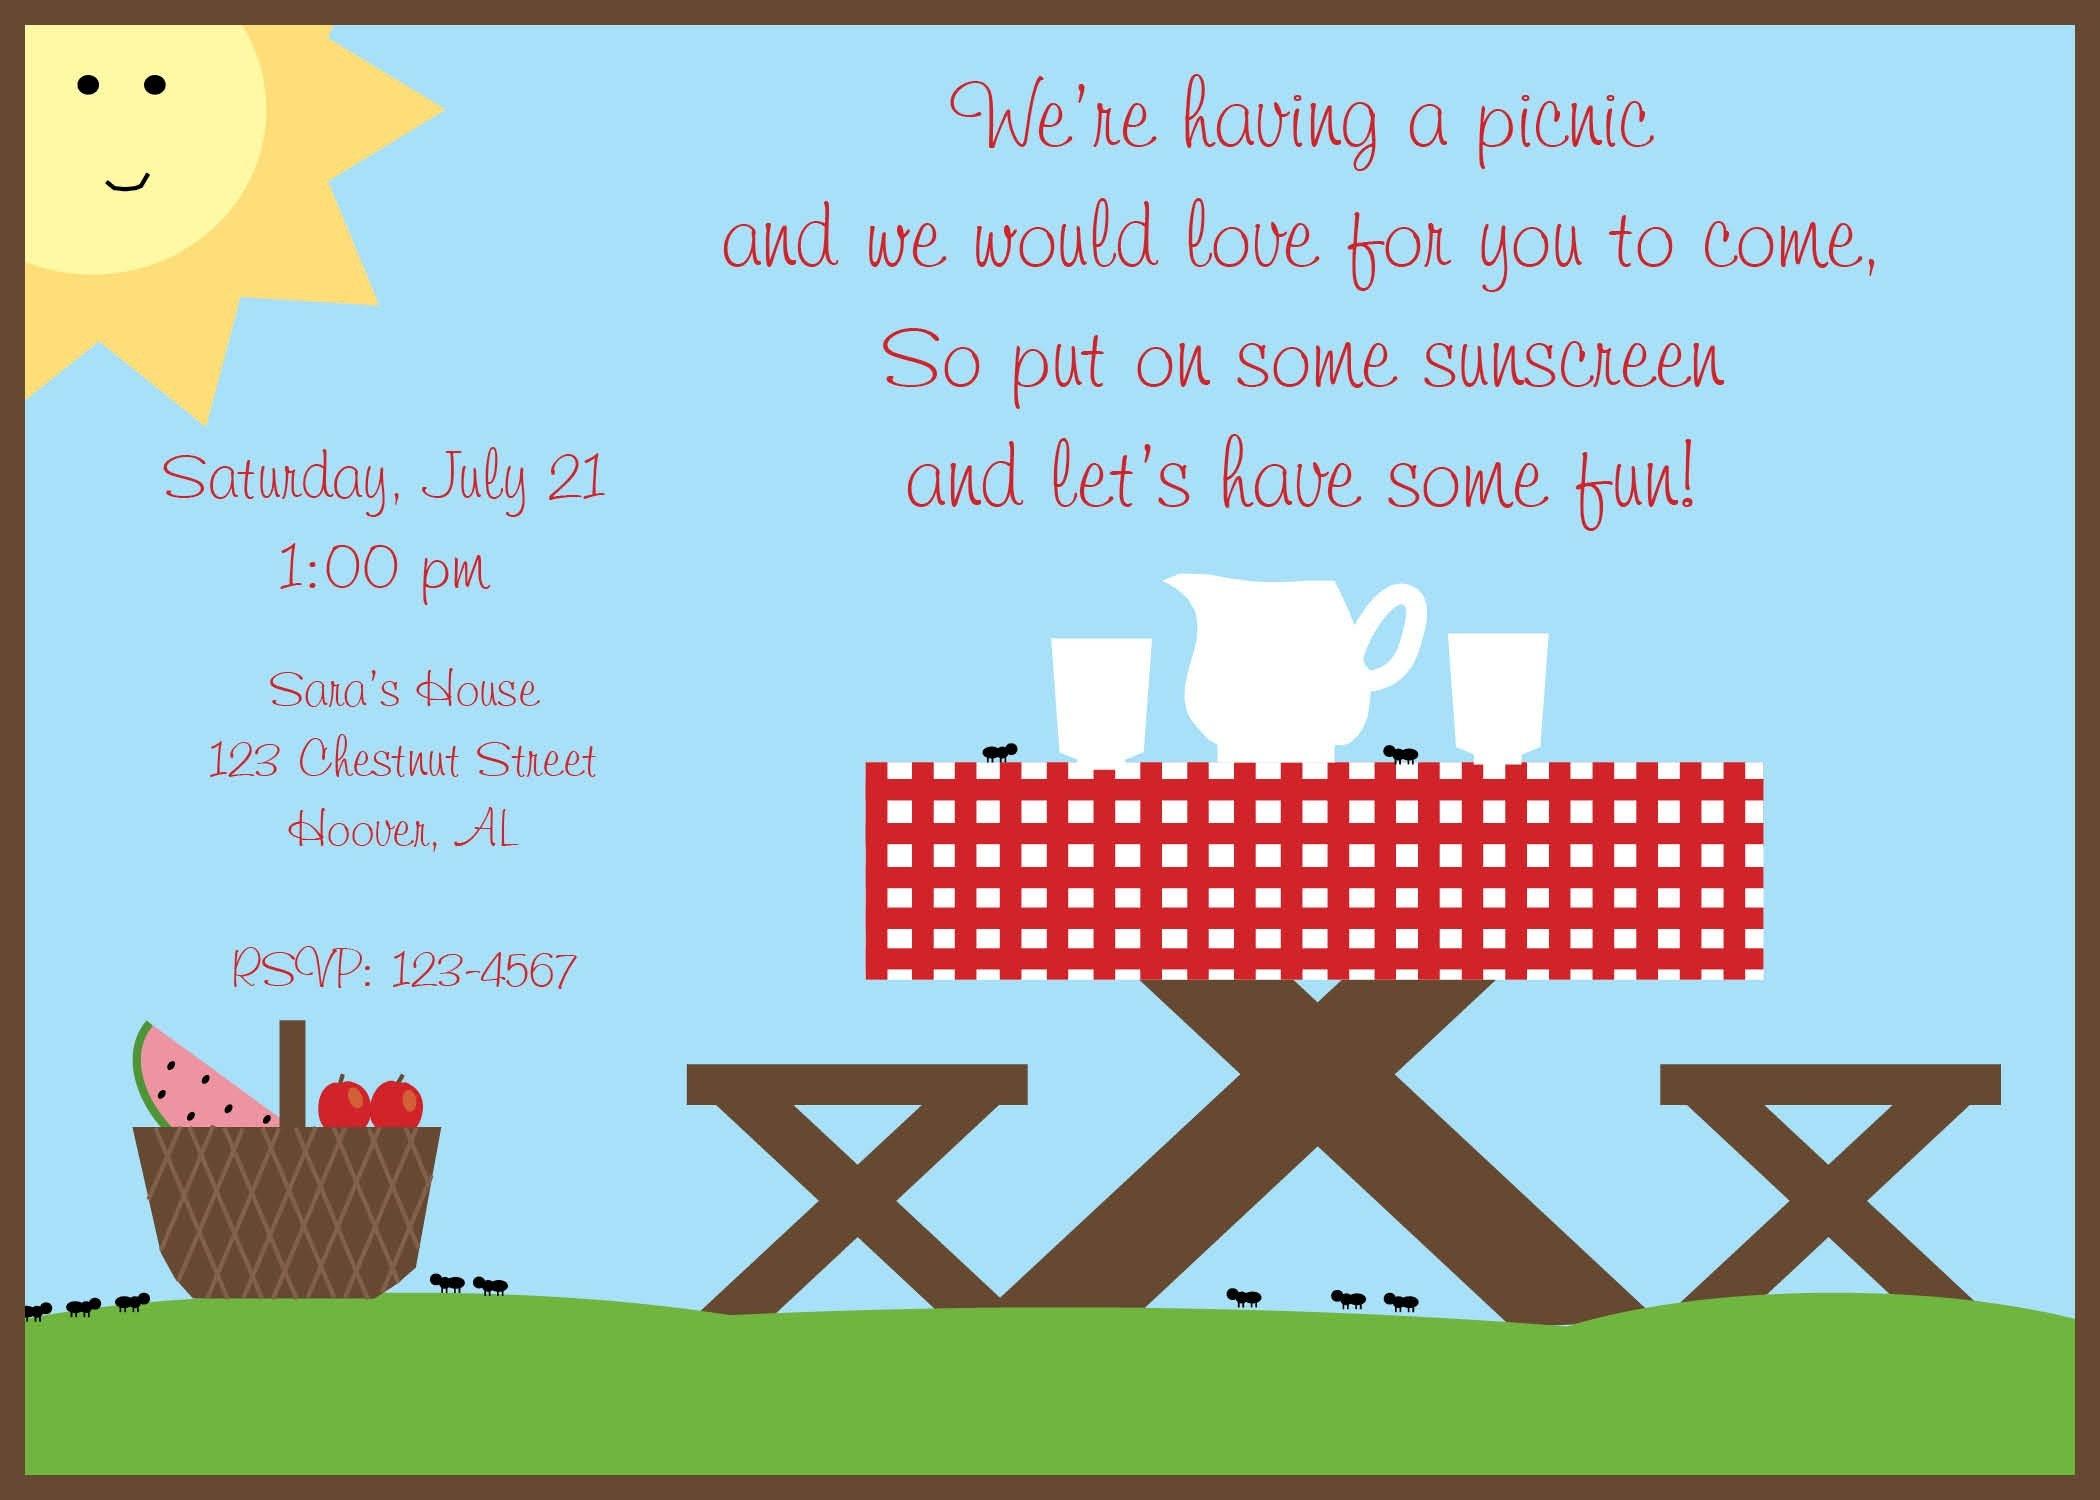 Company Picnic Invitation Summer picnic invitation Company Picnic ...